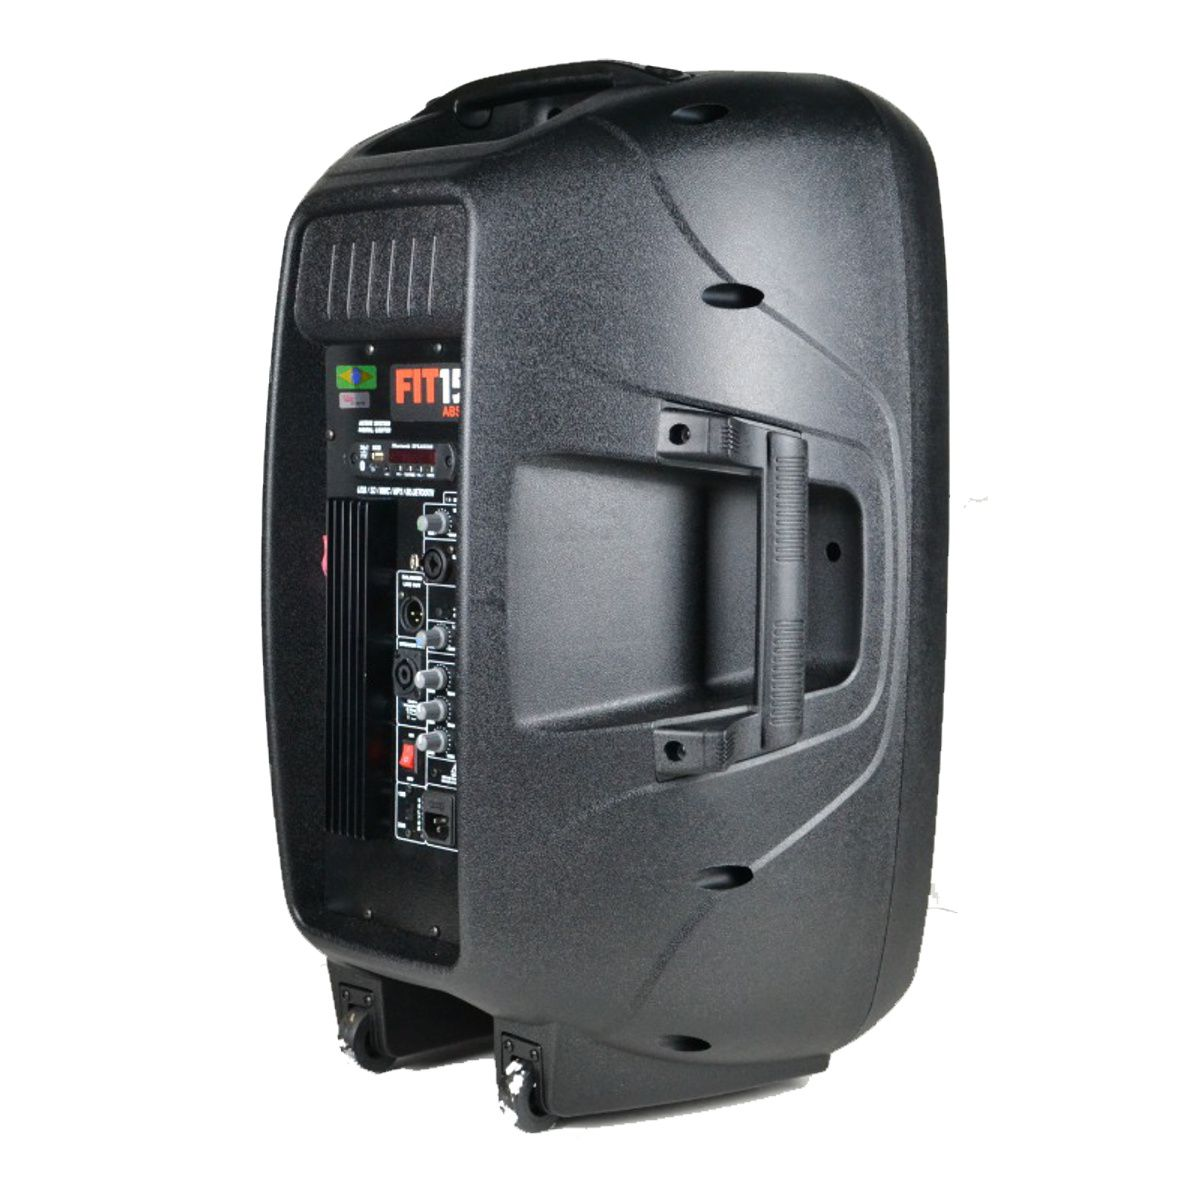 Kit Caixa De Som Ativa Passiva Leacs 450w Rms Falante 15 + Tripé